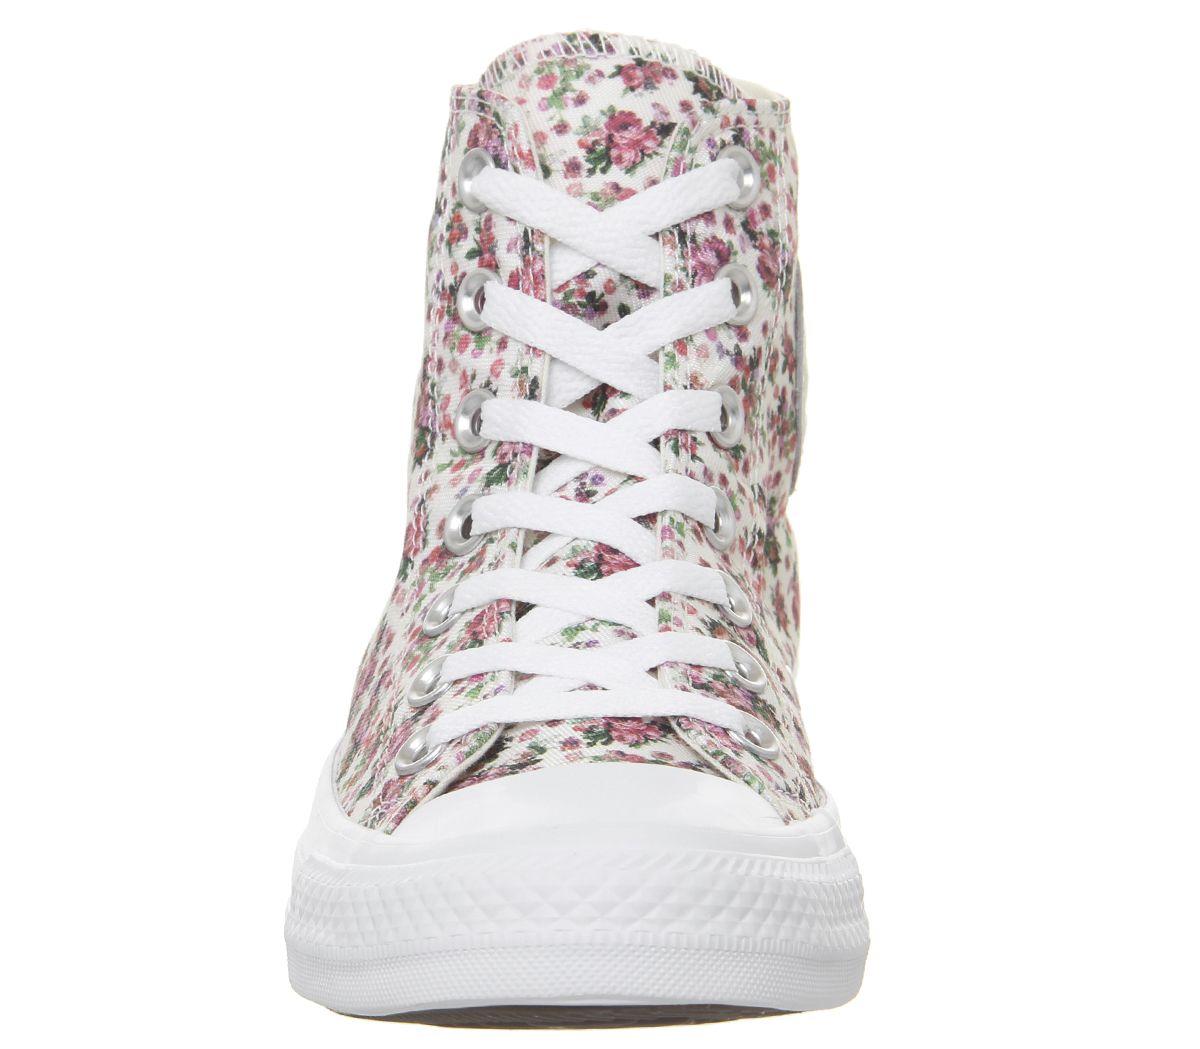 20b8e9c4c4f Converse Converse All Star Hi Trainers Pink Foam Egret White Floral ...